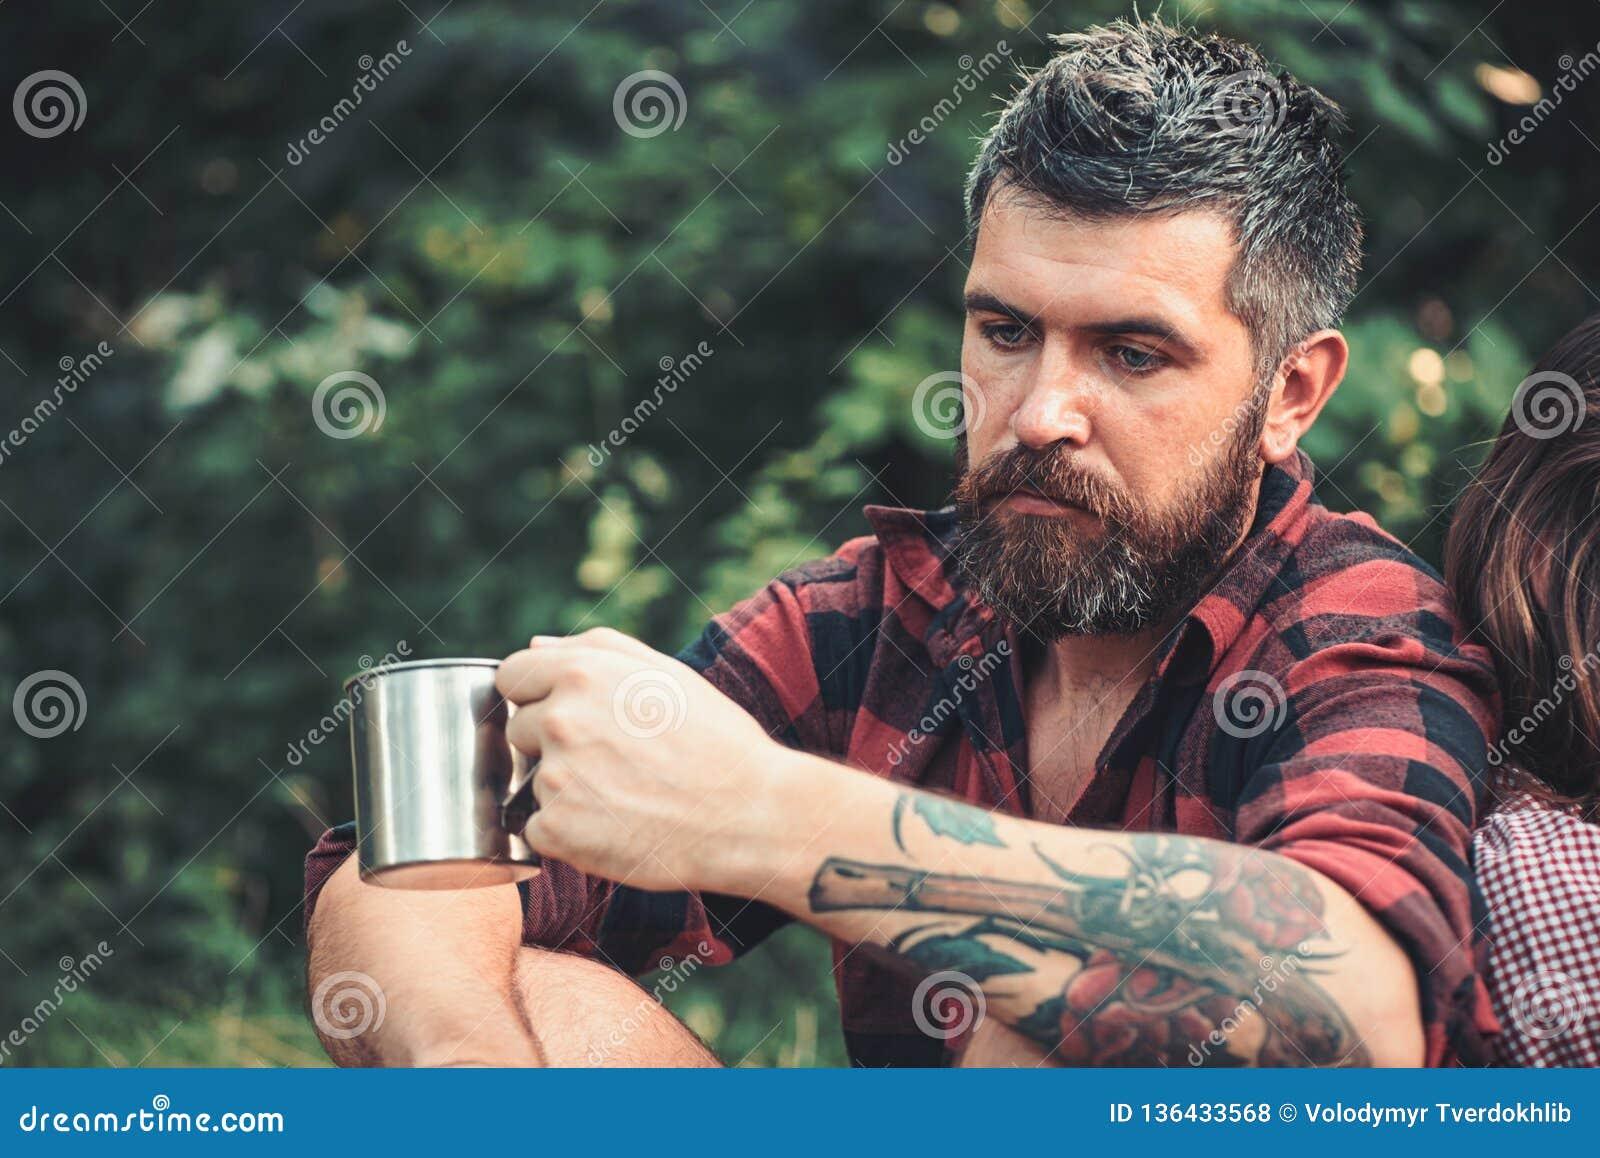 Brodaty mężczyzna z herbatą lub filiżanką w lasowym turyście w szkockiej kraty koszula chwyta kubku Modniś z długą brodą relaksuj